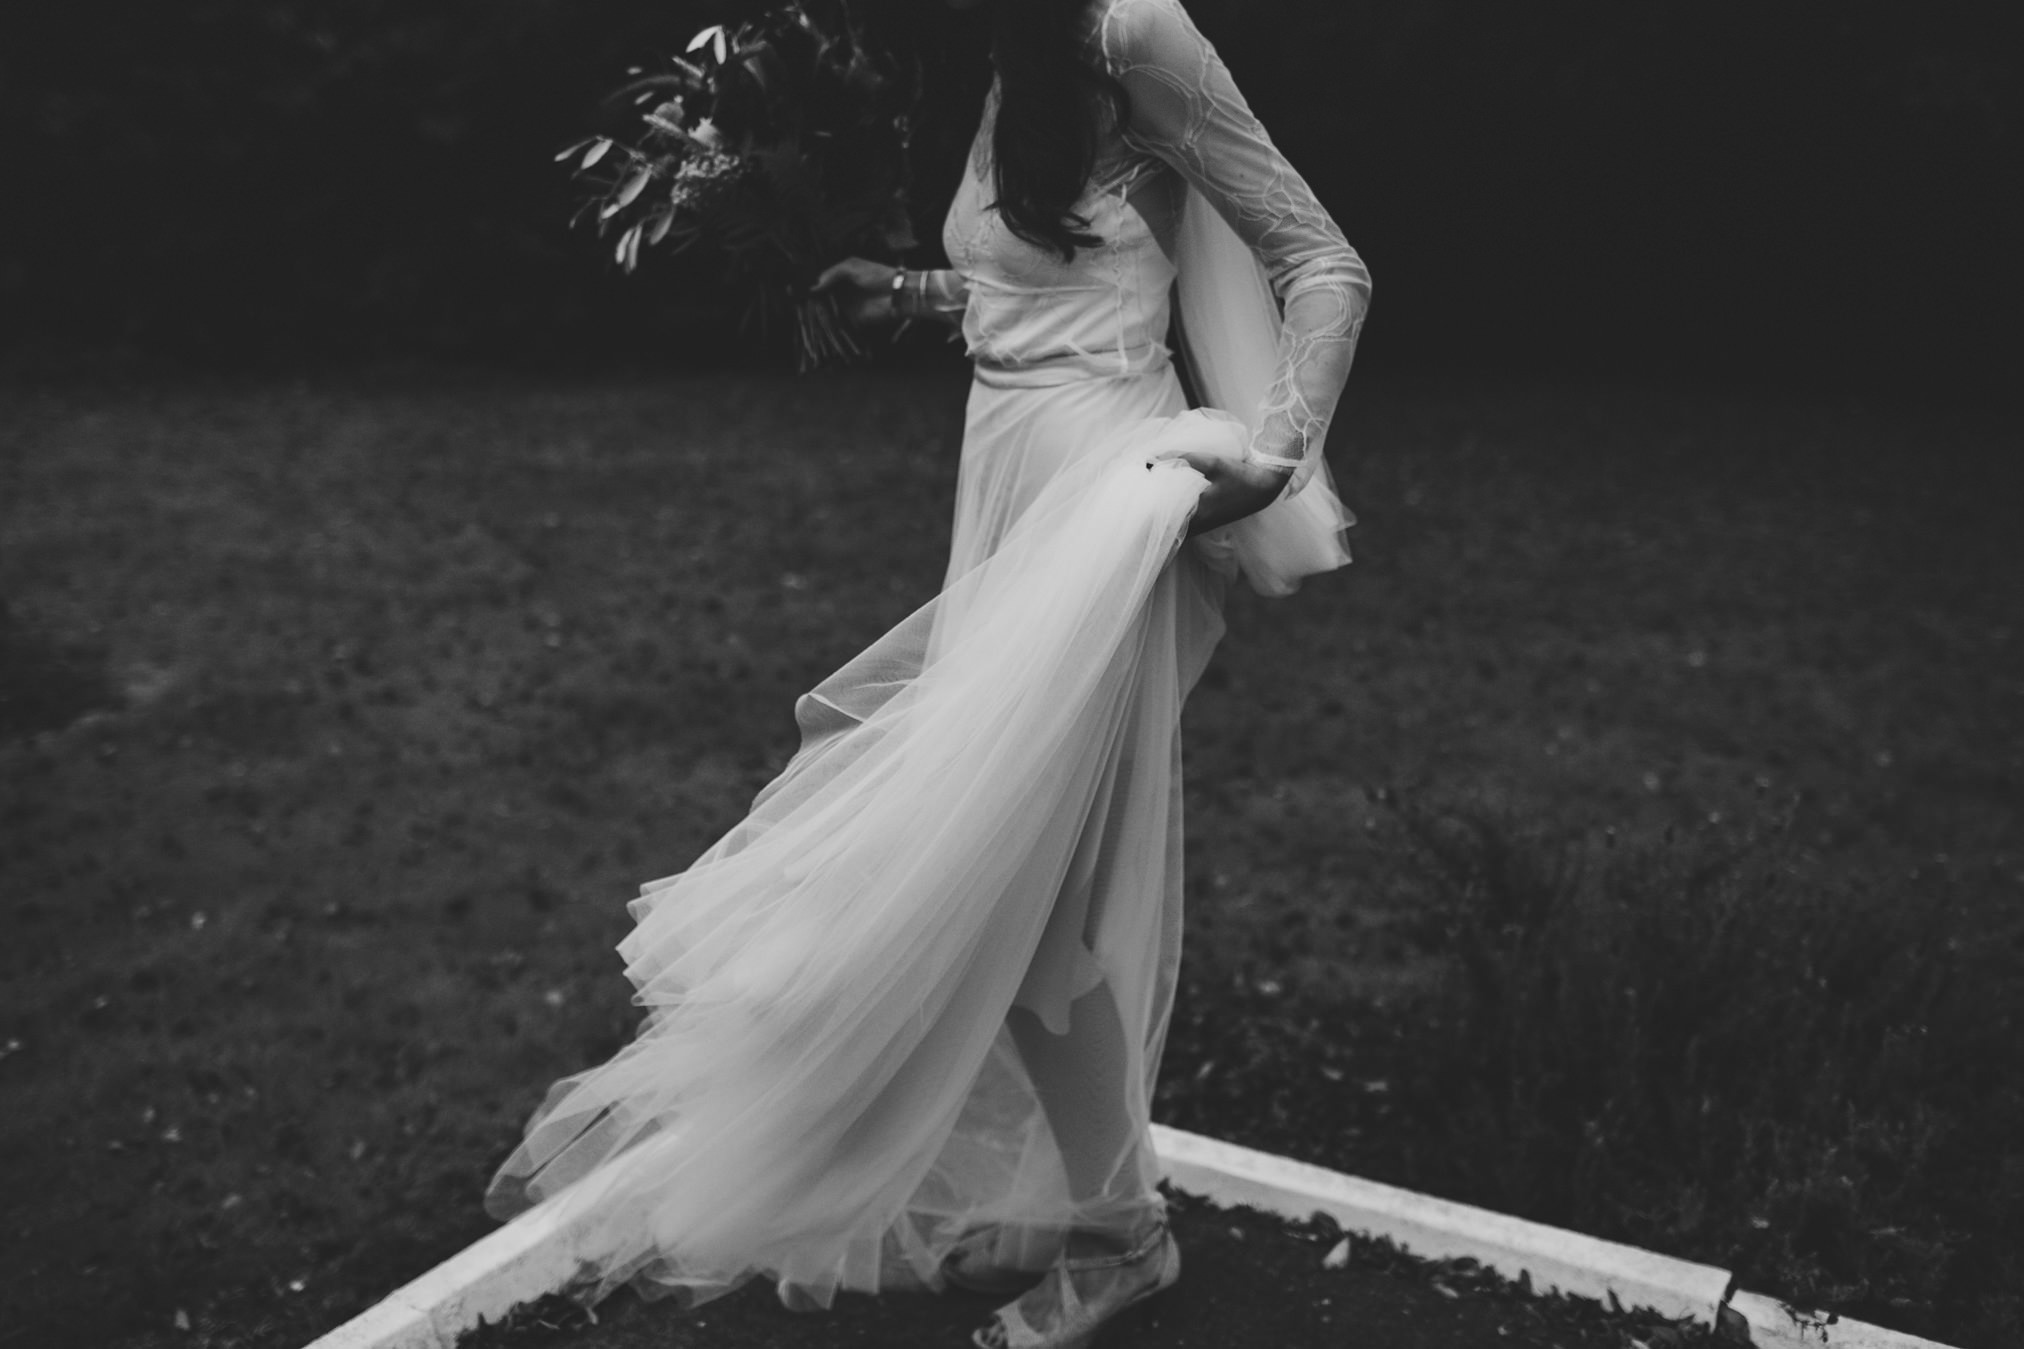 wedding photographer irelandGraciela Vilagudin Photography520.jpg